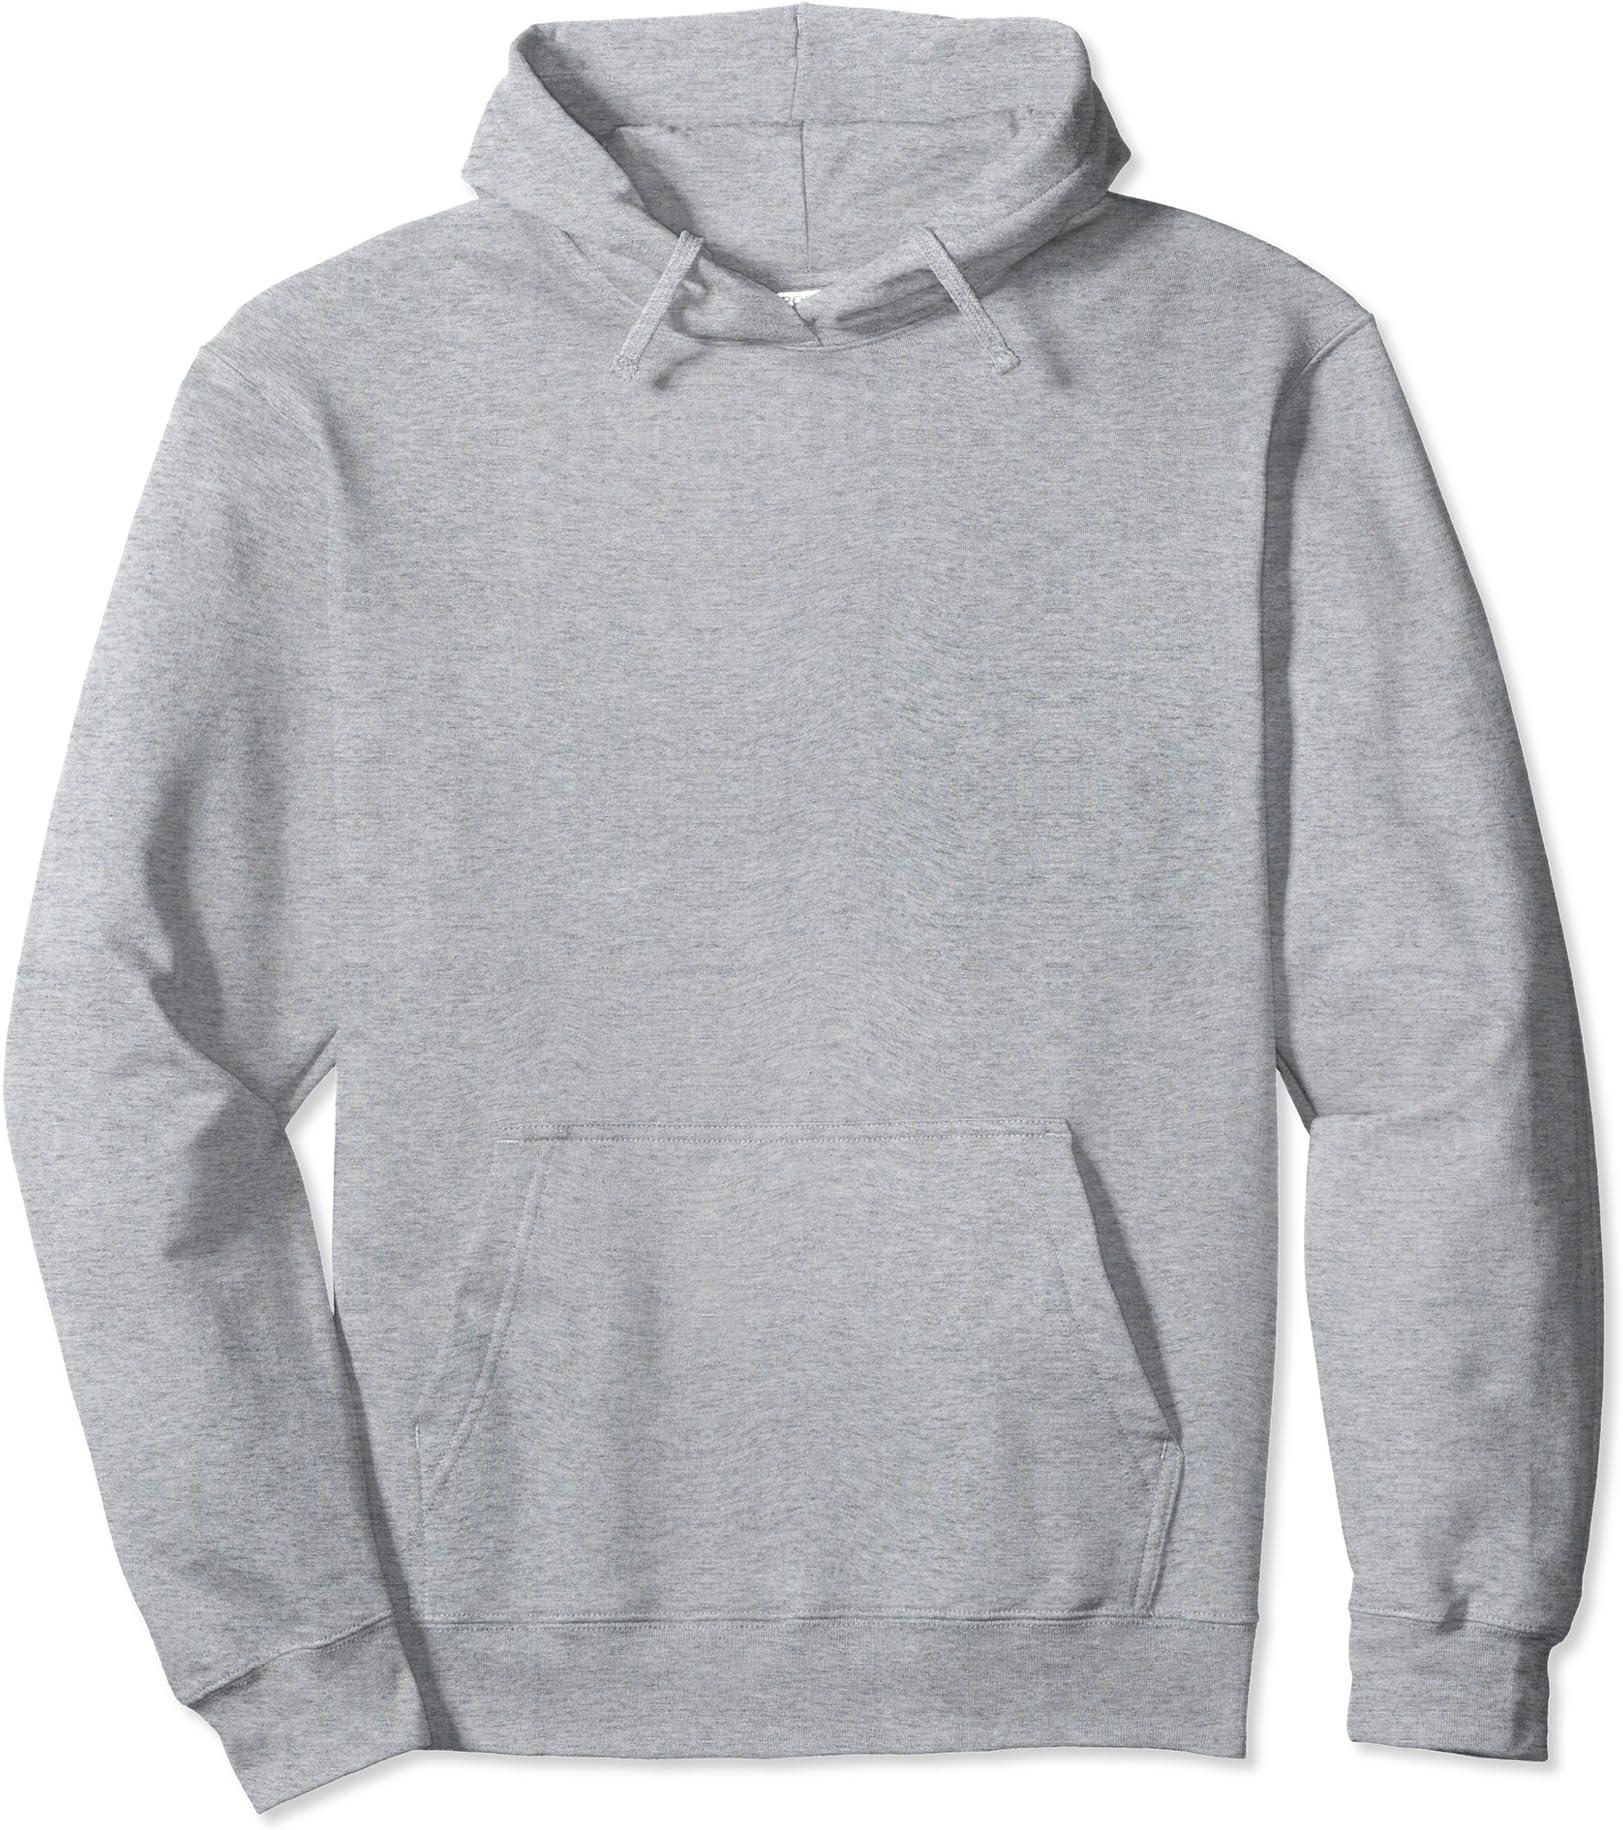 Japan text Hoodie Sweatshirt